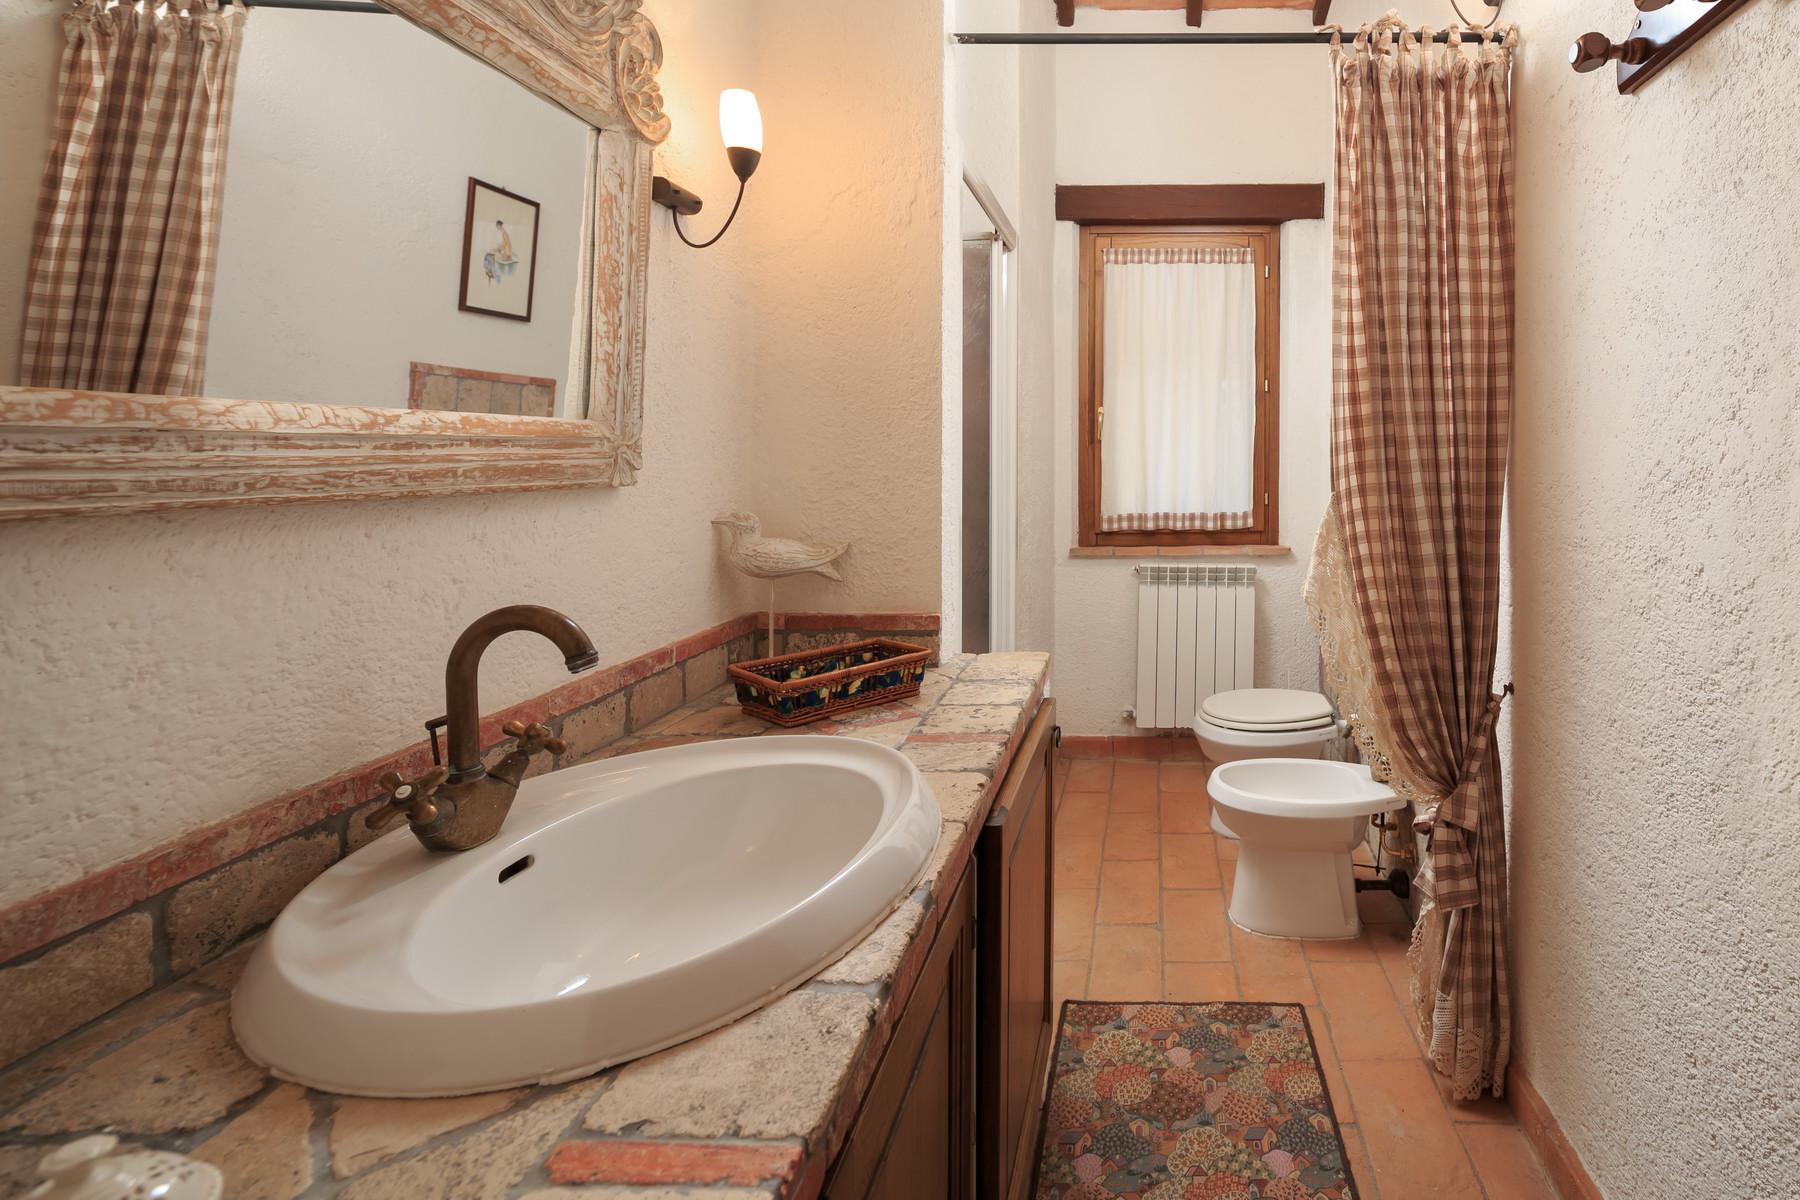 Rustico in Vendita a Manciano: 5 locali, 357 mq - Foto 27